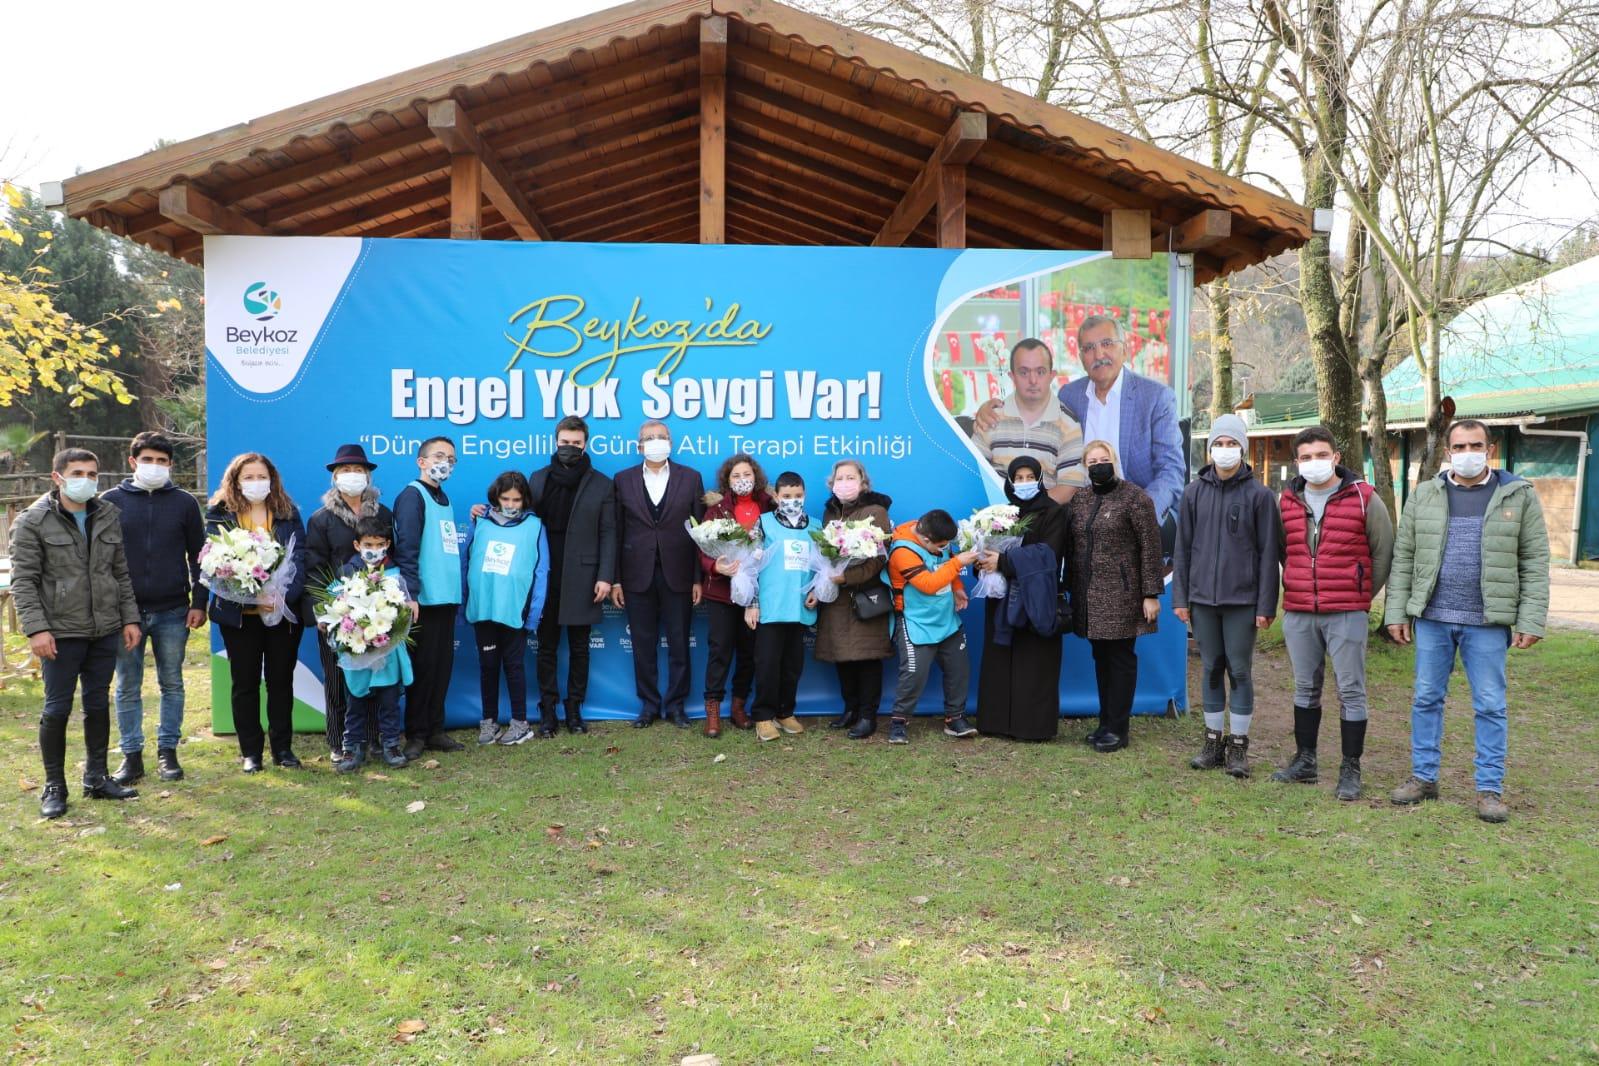 Otizmli Çocuklar Beykoz'da Mustafa Ceceli Ve Atla Terapiyle Buluştu